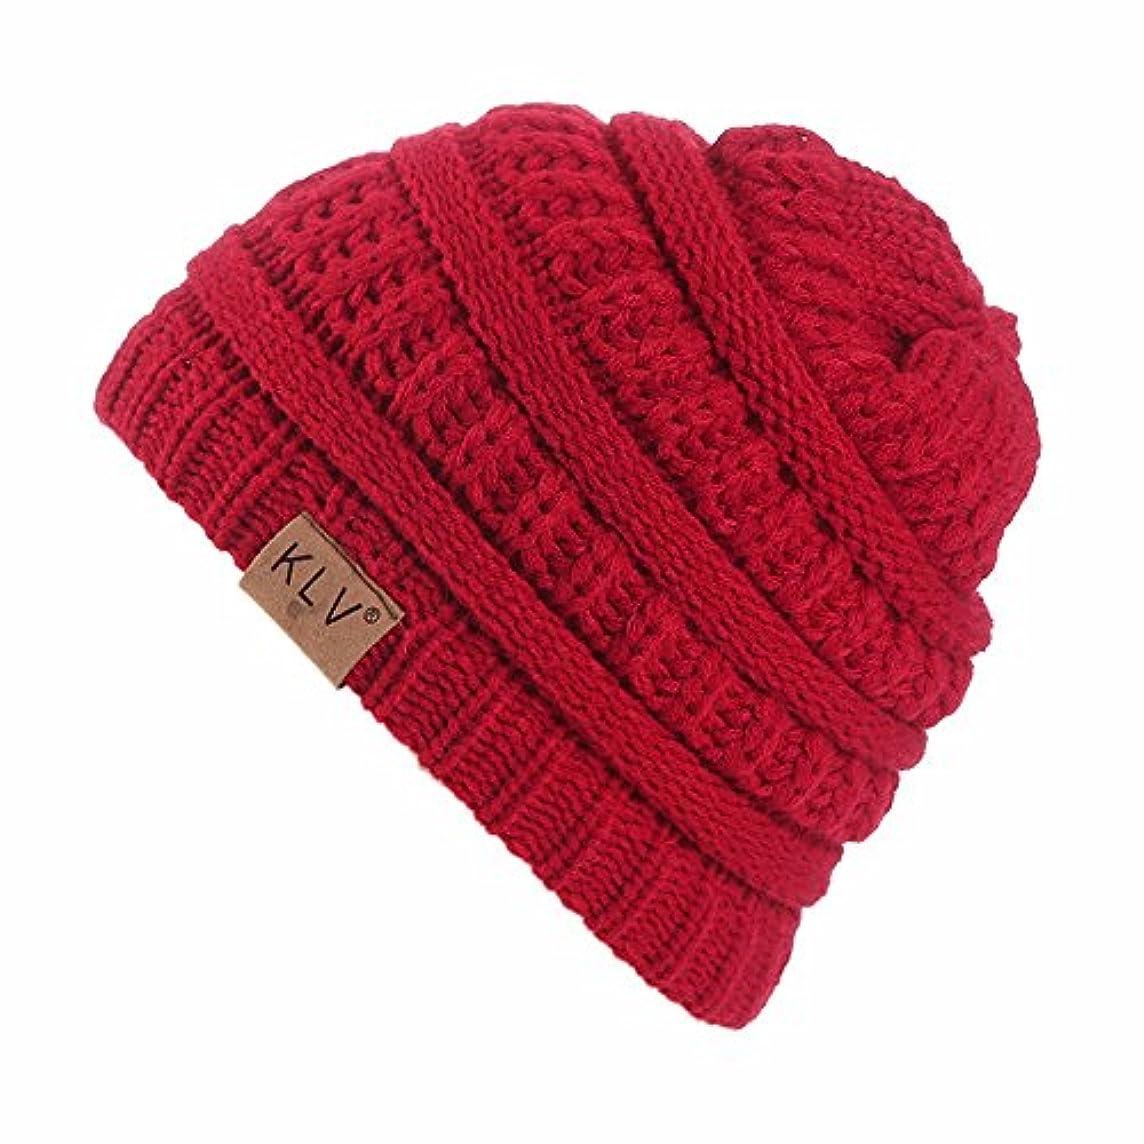 刺す文明定規Racazing クリスマス Hat 選べる6 色 編み物 ニット帽 子供用 通気性のある 男女兼用 防風防寒对策 ニット帽 暖かい 軽量 屋外 クリスマス Unisex Cap (ワイン)